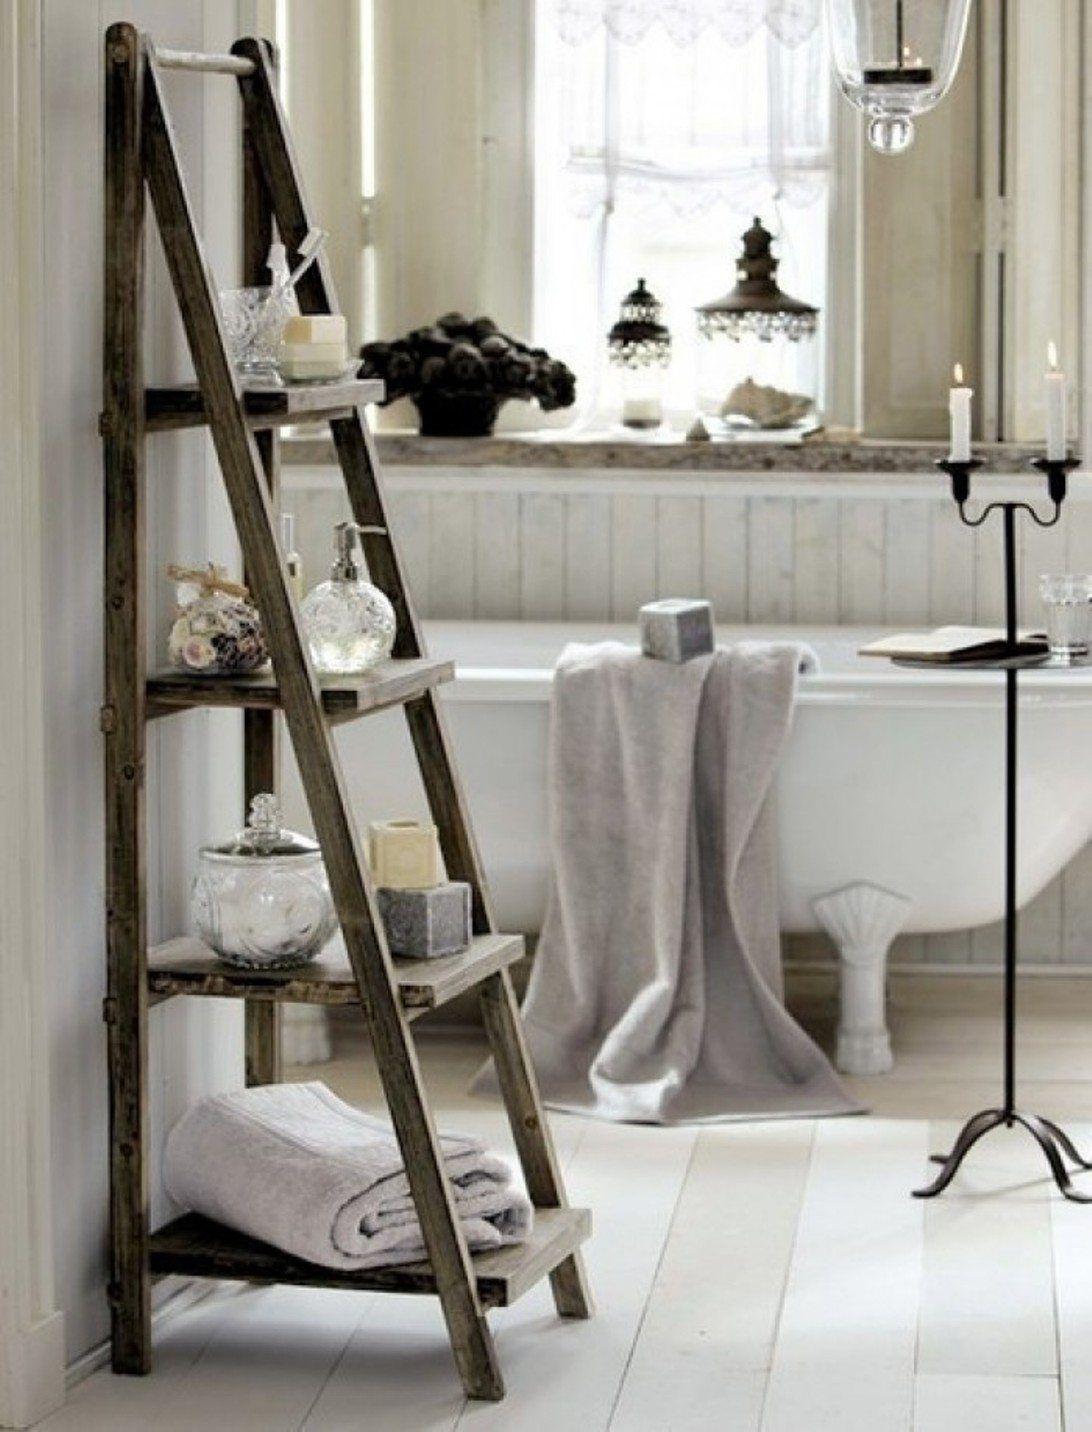 Standing wooden ladder shelf bathroom towel rack ideas for shabby